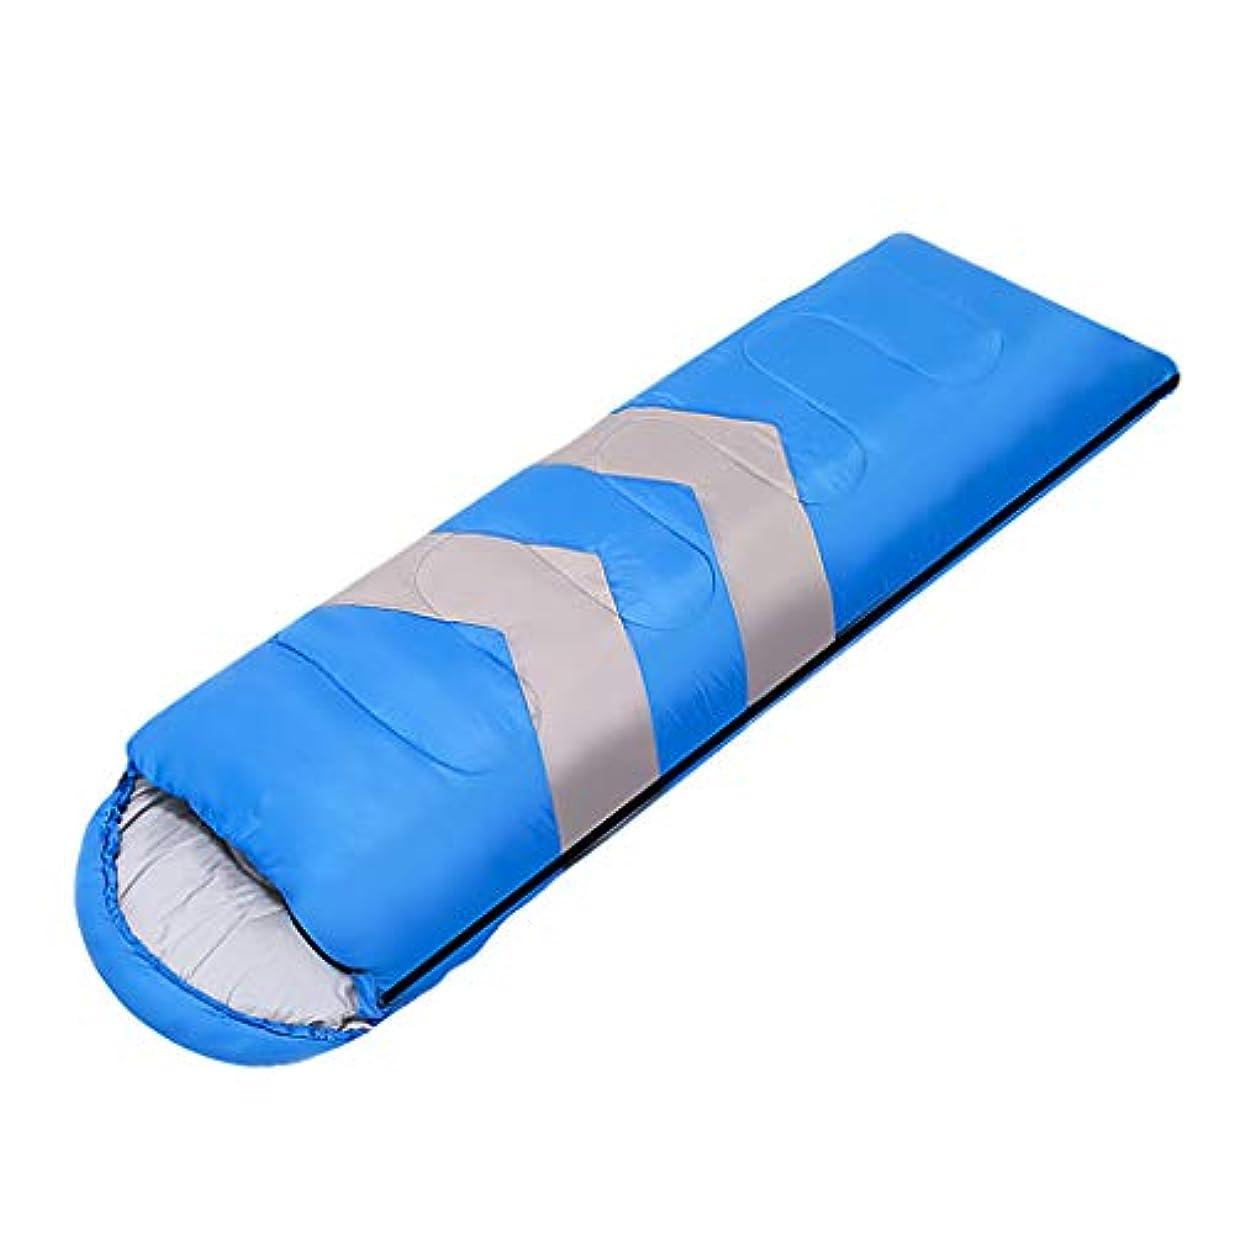 コントラストバスト近々LCSHAN 寝袋ポリエステルファッション便利な屋外キャンプ大人の多機能の肥厚 (容量 : E, 色 : 青)